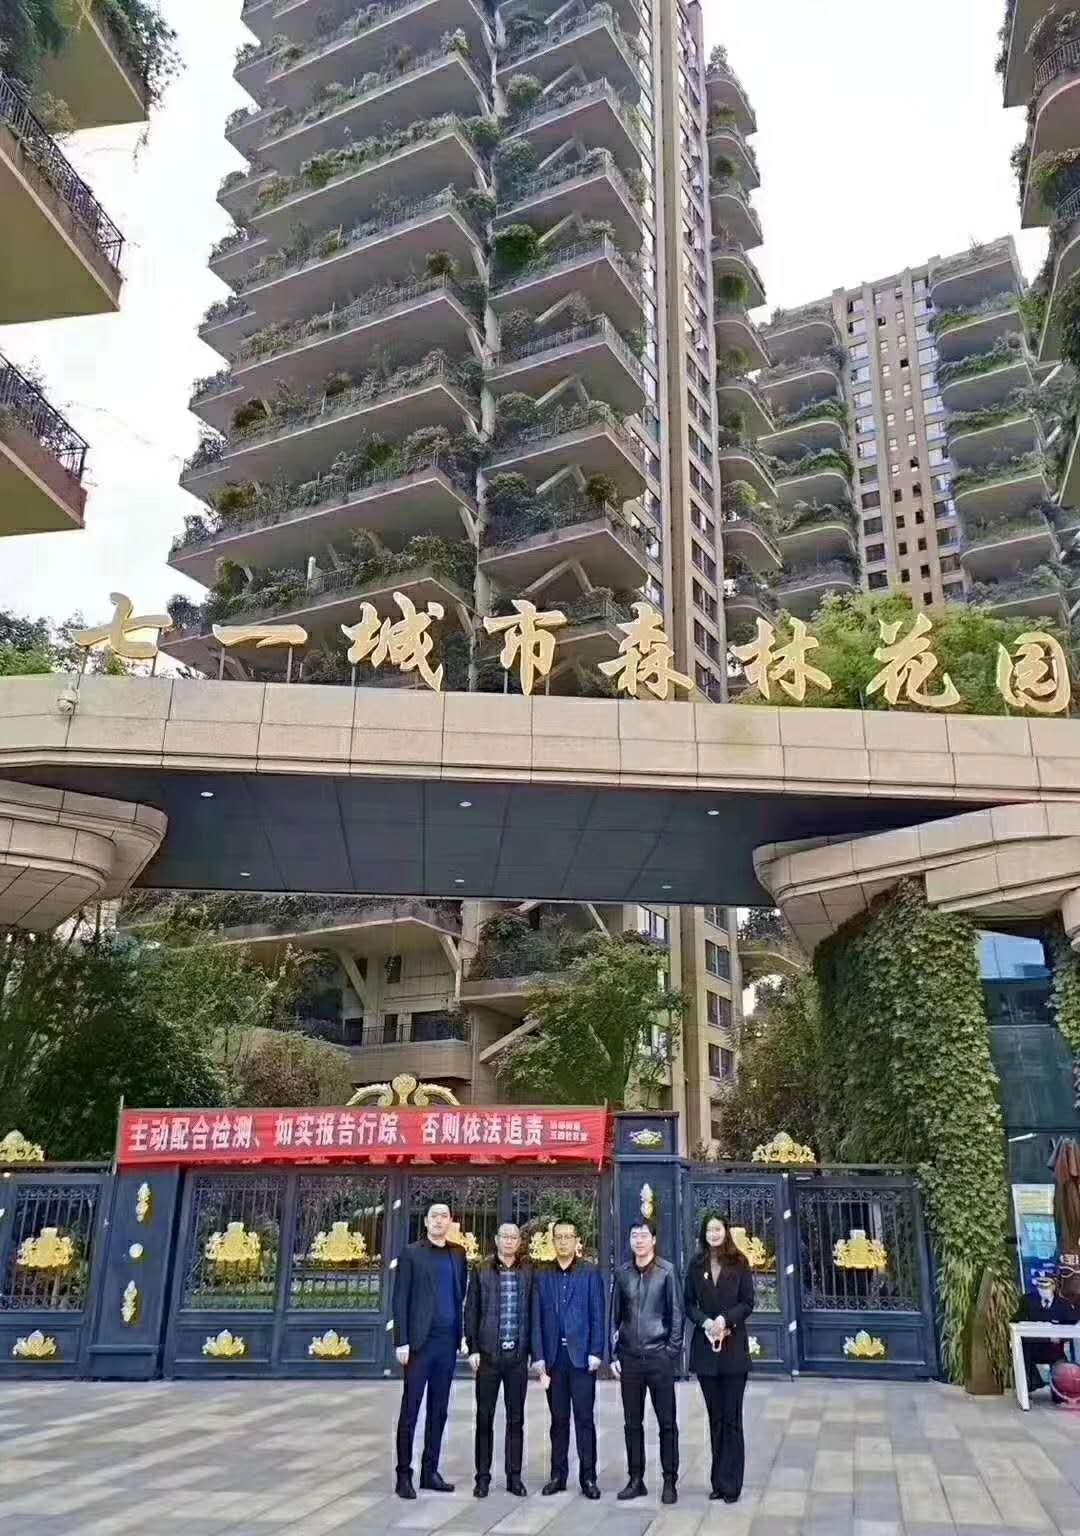 第四代住房-03.30-新闻短讯—— ️ 浙江省衢州市启天建筑有限公司️ ️ ️----考察洽谈 ---- 第四代住房·庭院房,开创出一种全新的中国住房模式!